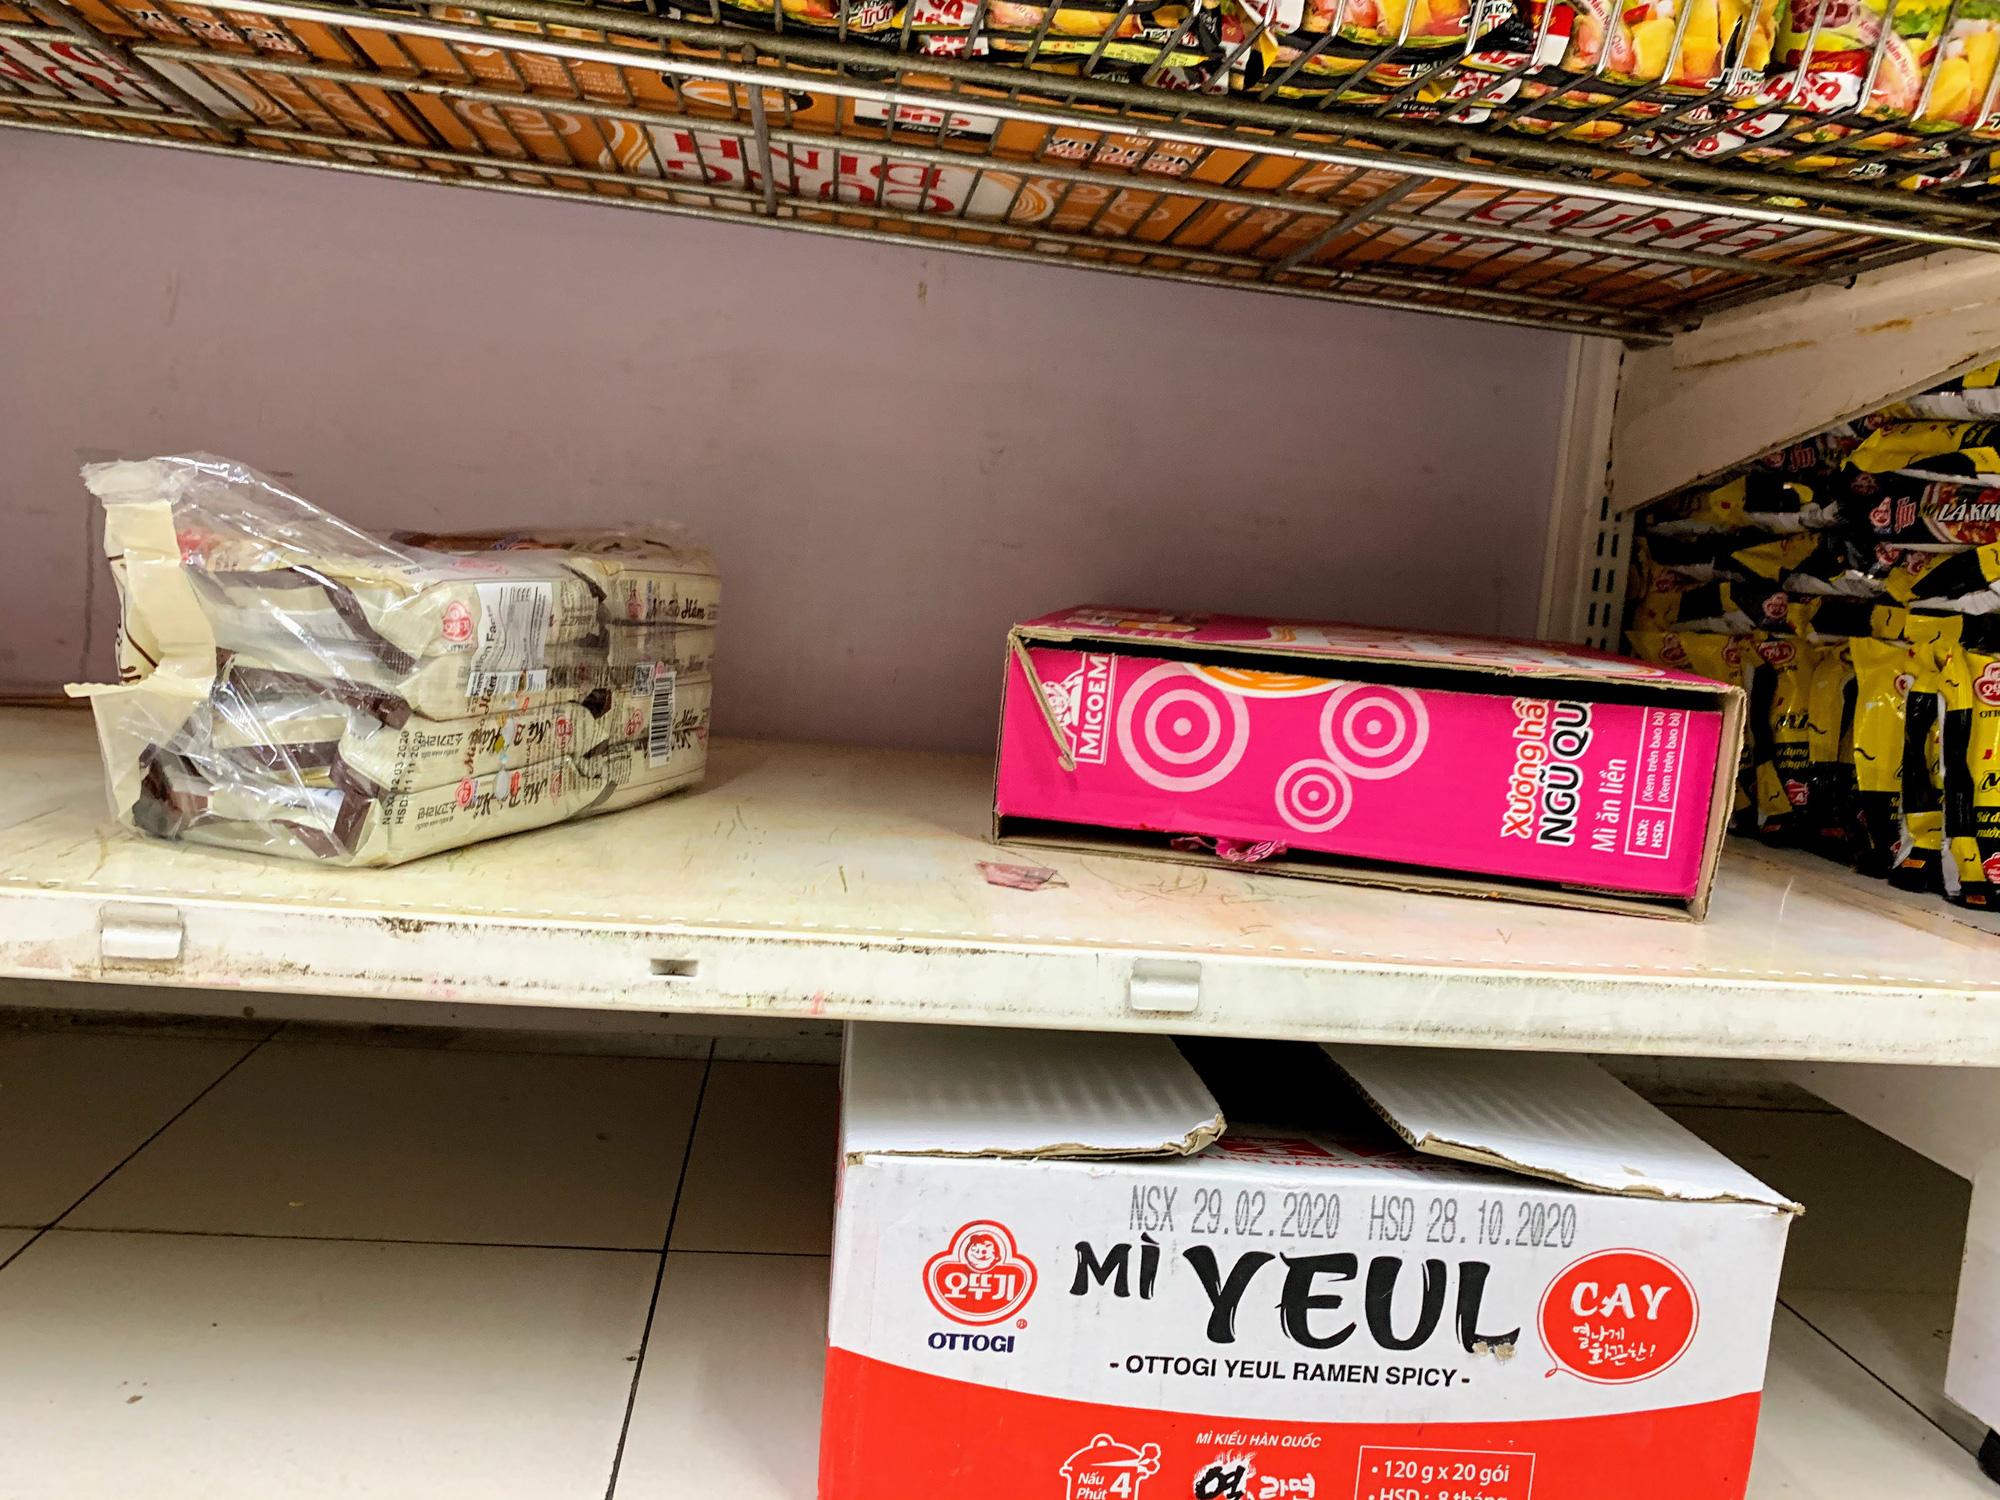 Trước giờ giới nghiêm, người Hà Nội ùn ùn kéo về siêu thị, mua sạch mì tôm, thực phẩm, giấy vệ sinh - Ảnh 8.